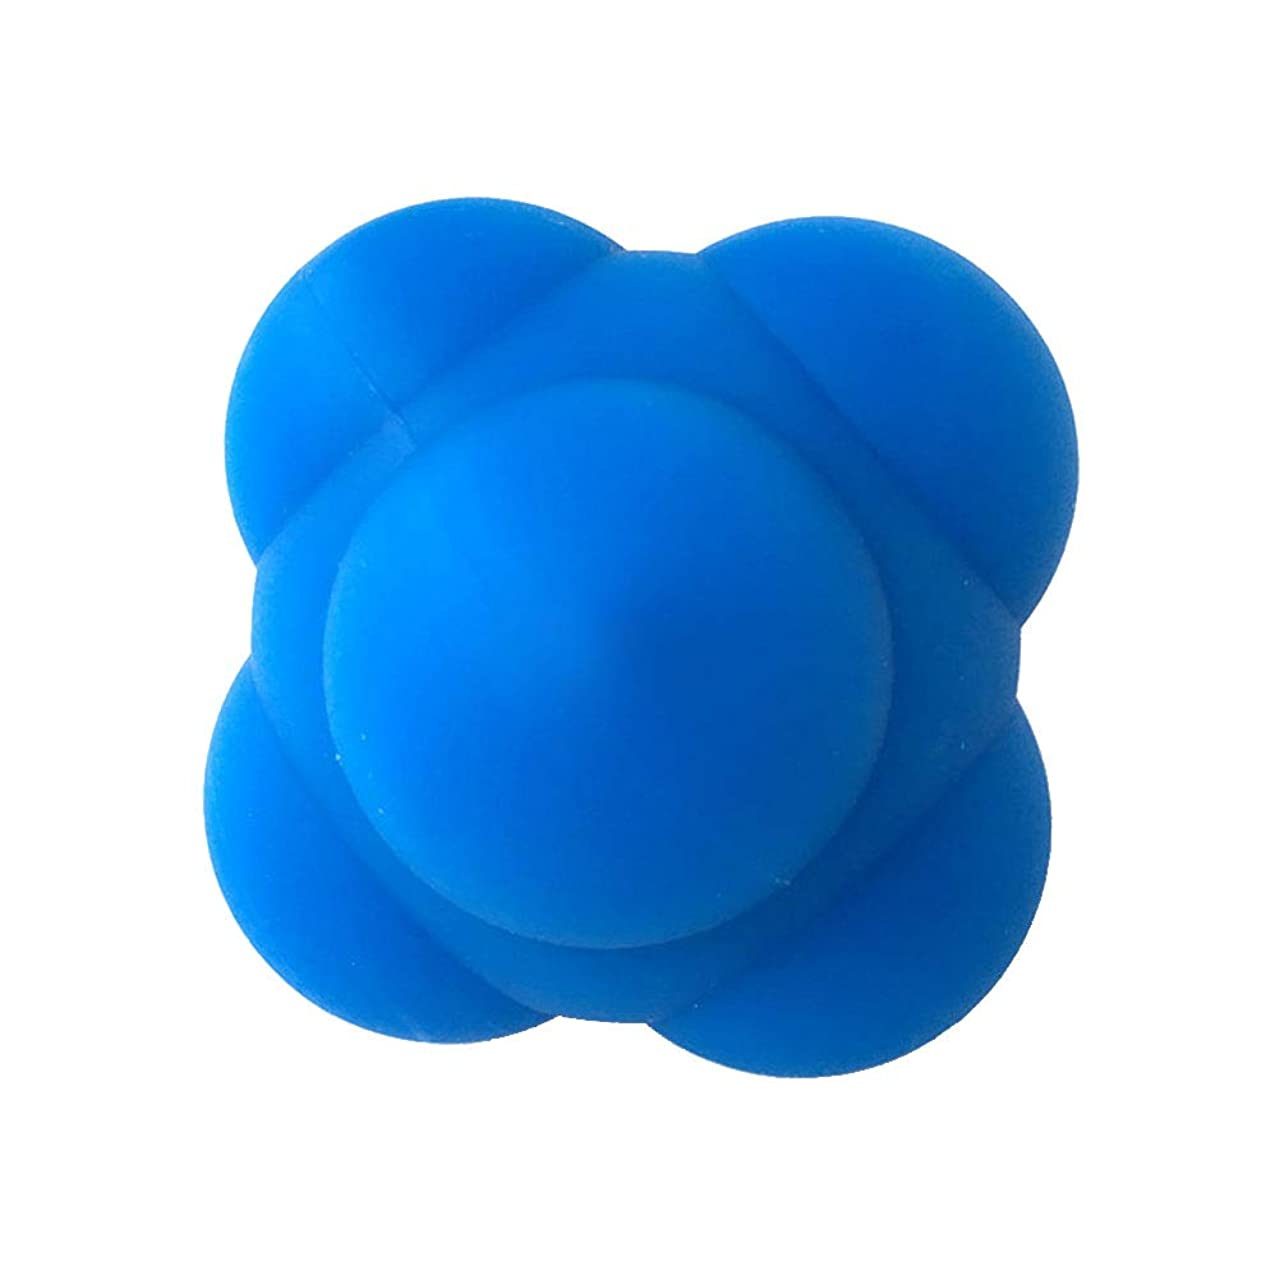 講義服を着るミシン目SUPVOX 野球 練習用品 トレーニングボール ヘキサゴンボール リアクションボール スポーツボール6cm(青)